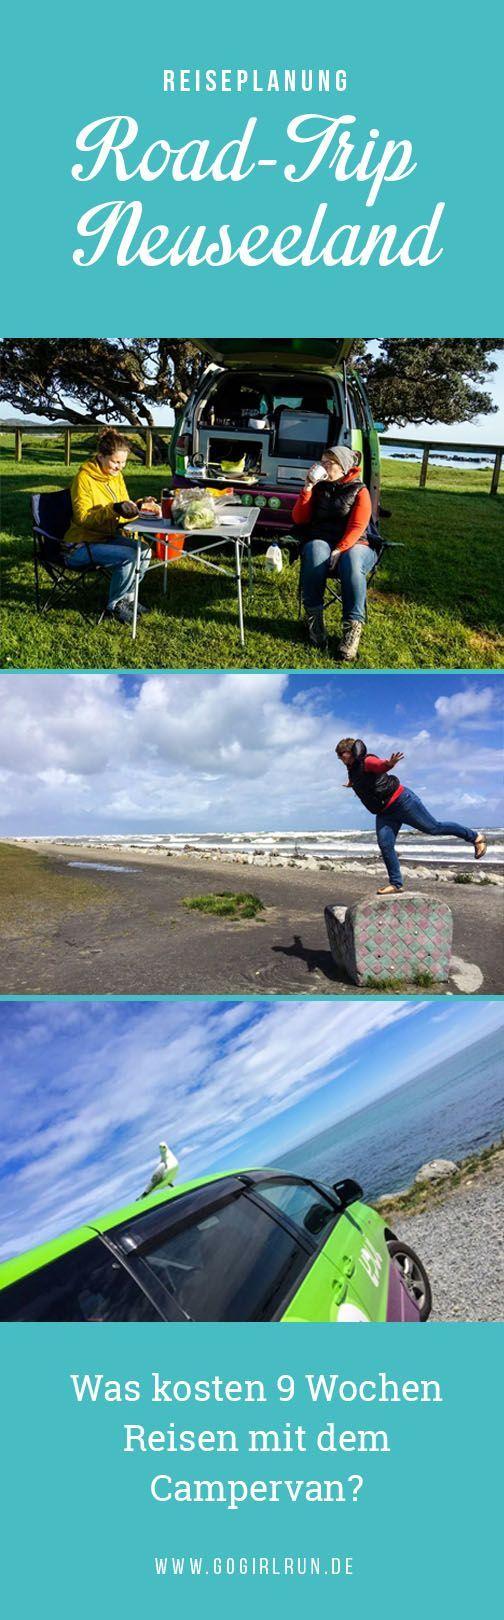 Wie viel kosten 9 Wochen Reisen in Neuseeland? Roadtrip mit einem Campervan